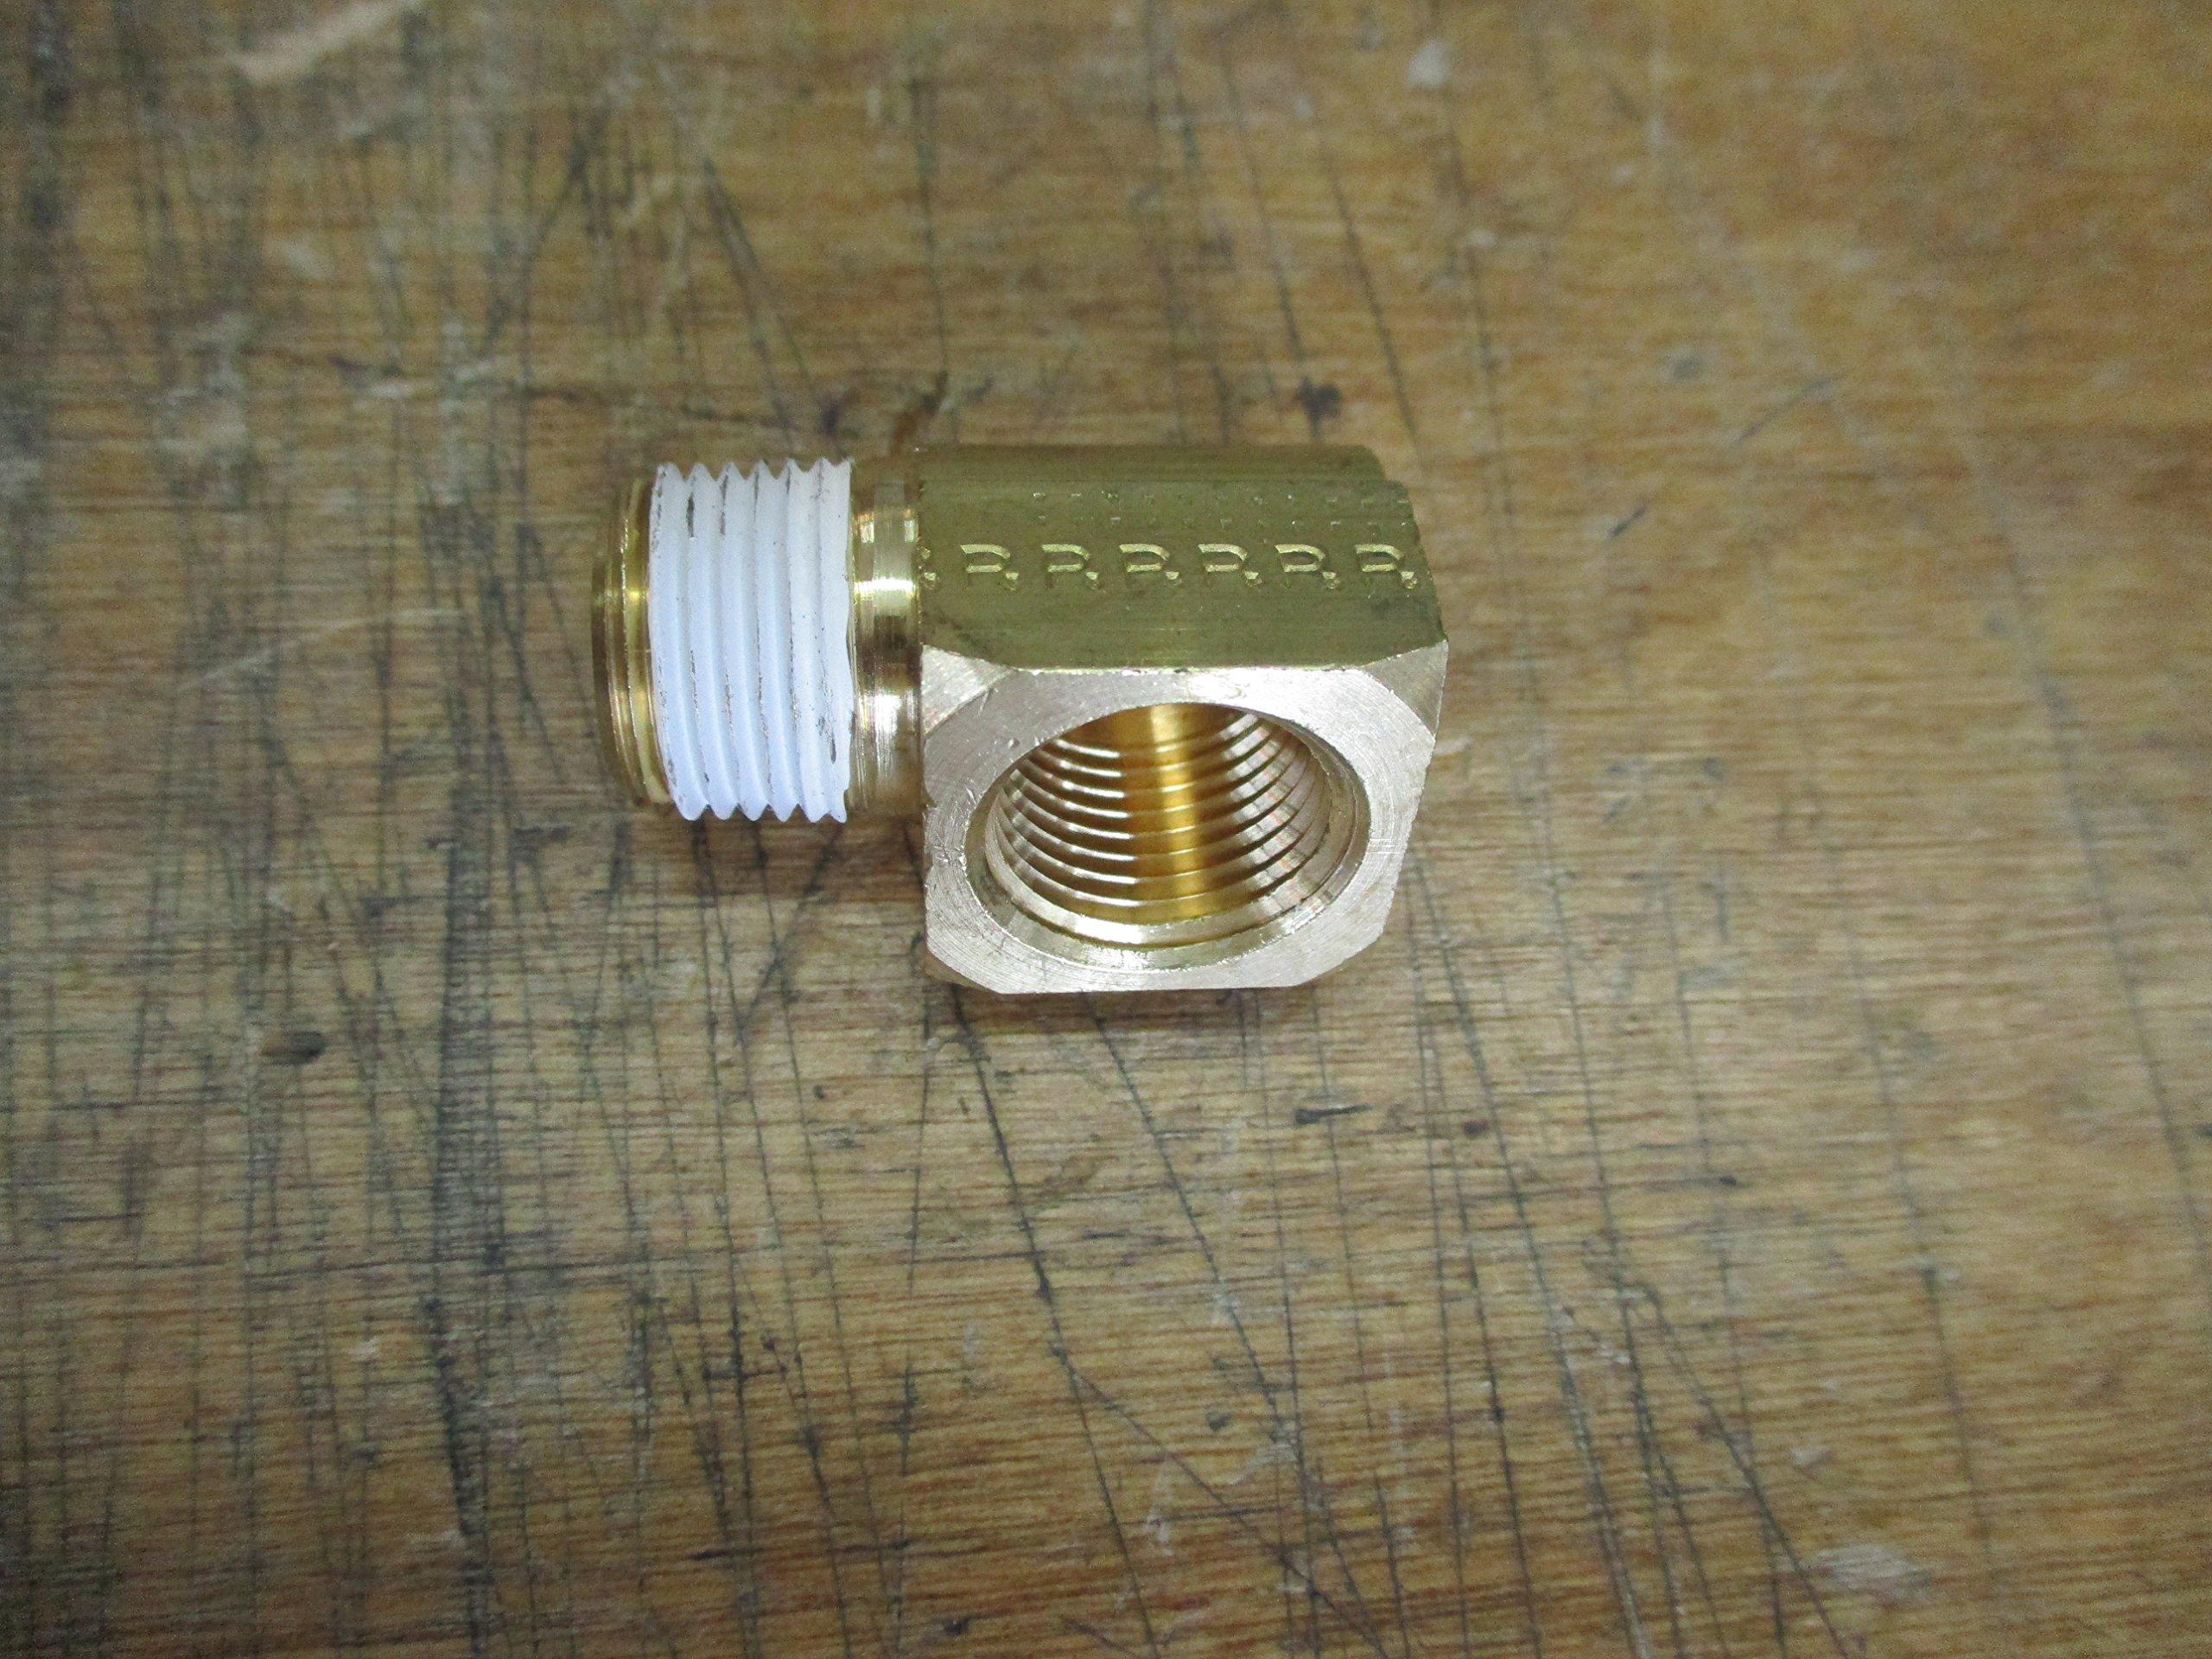 Parker Fluid System Connectors W2202p-6-6 230 pcs